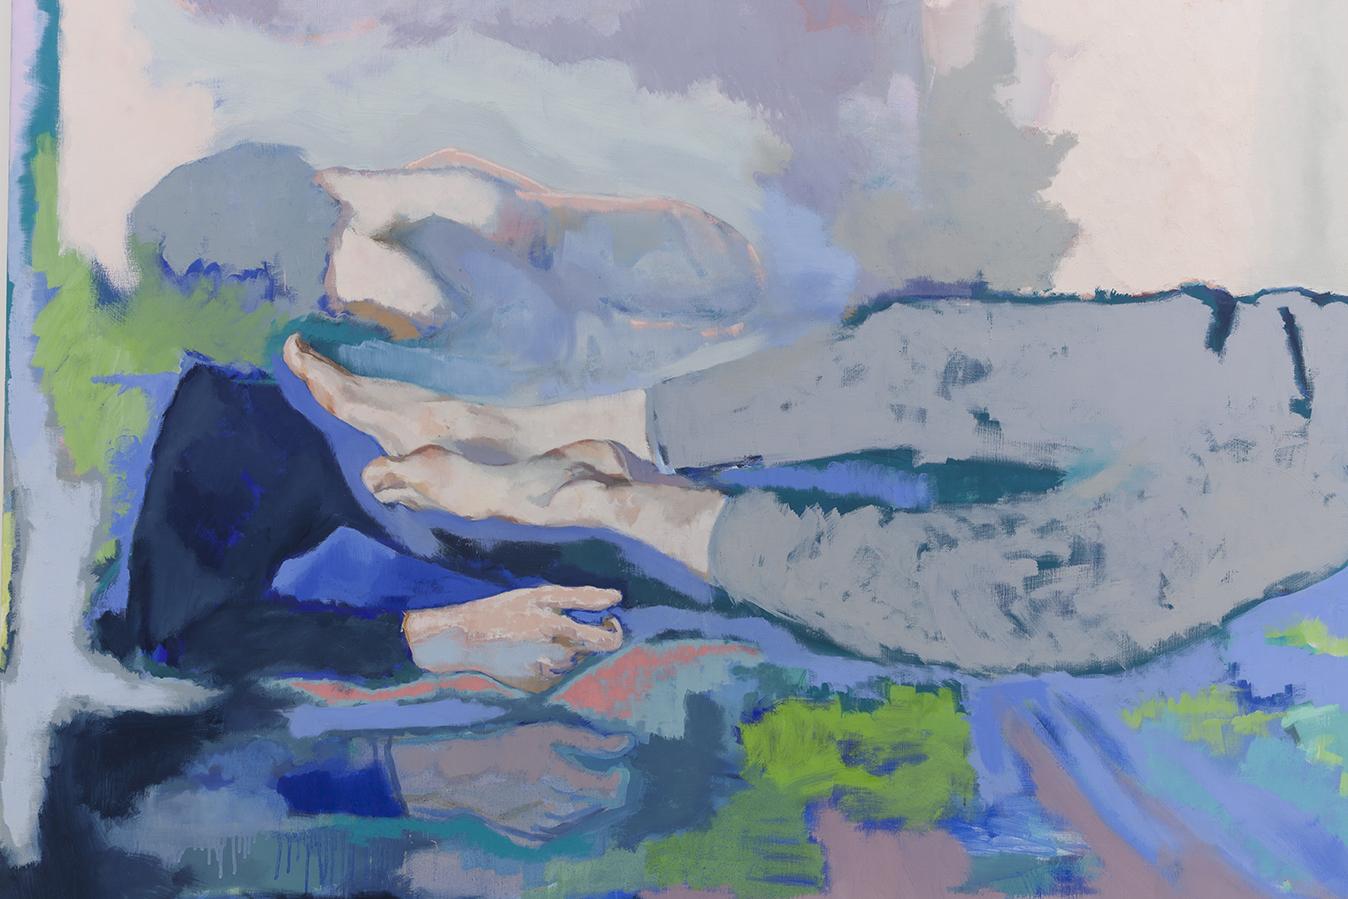 Sur le lit, ton T-shirt a la clarté du jour, 2020, huile sur toile, 160 x 260 cm_photo Julie Coulon_web_3